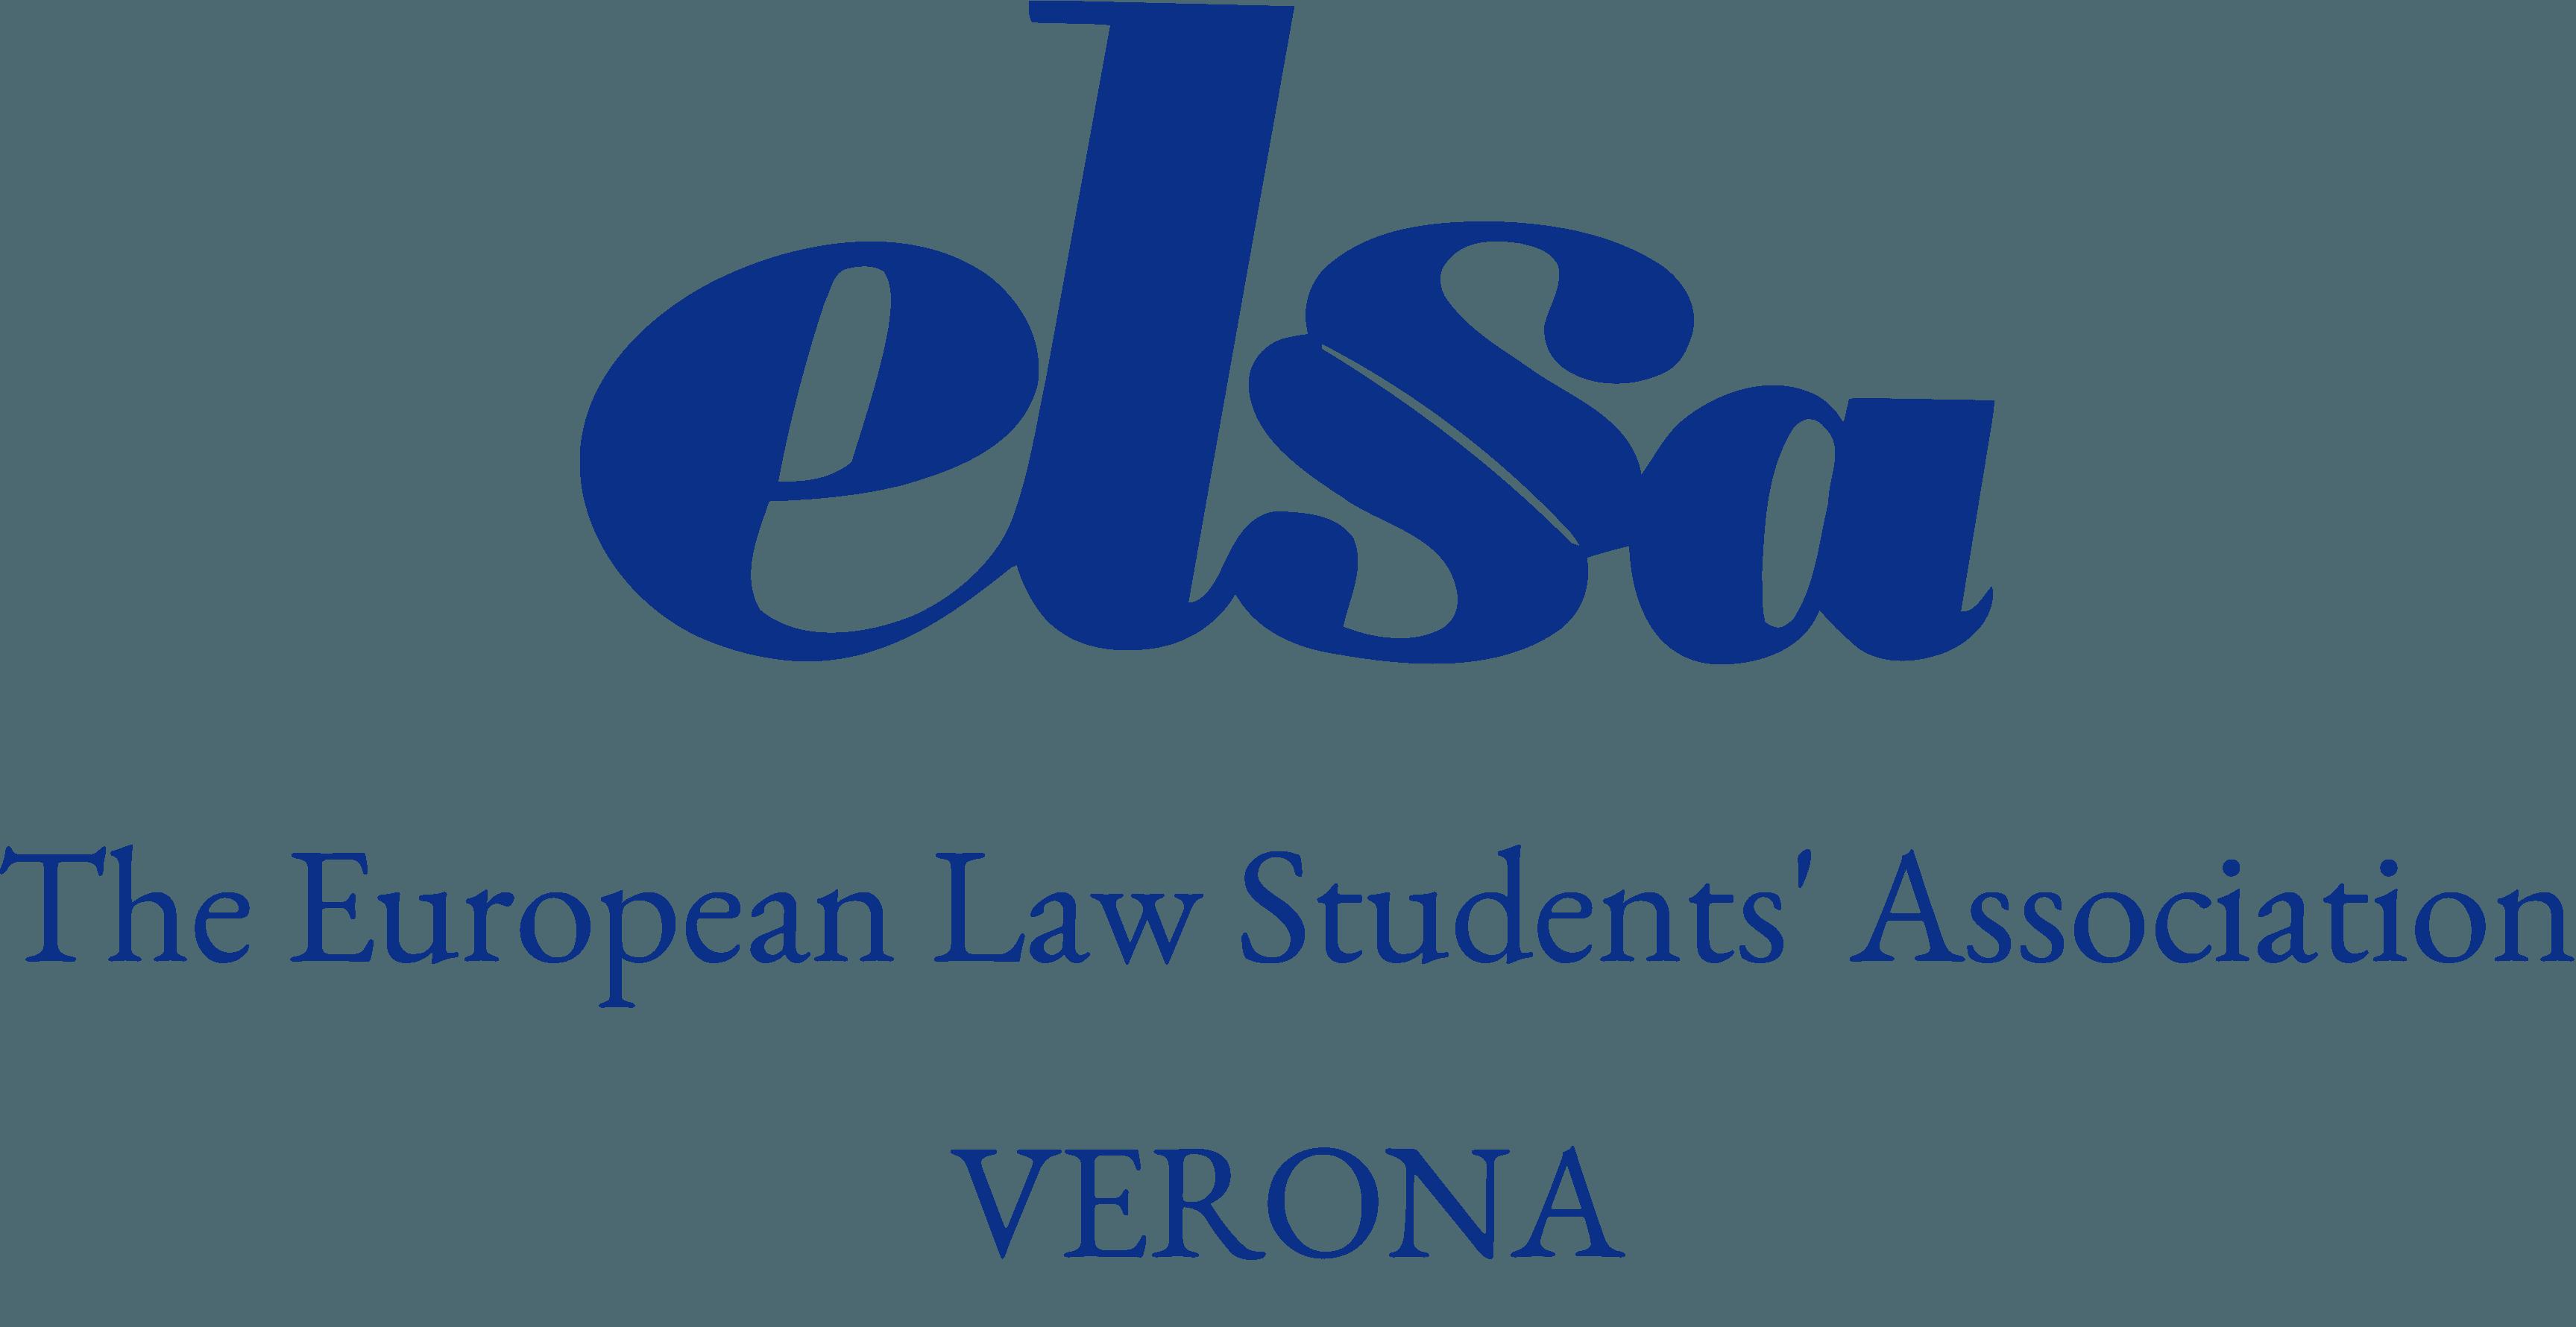 ELSA Verona